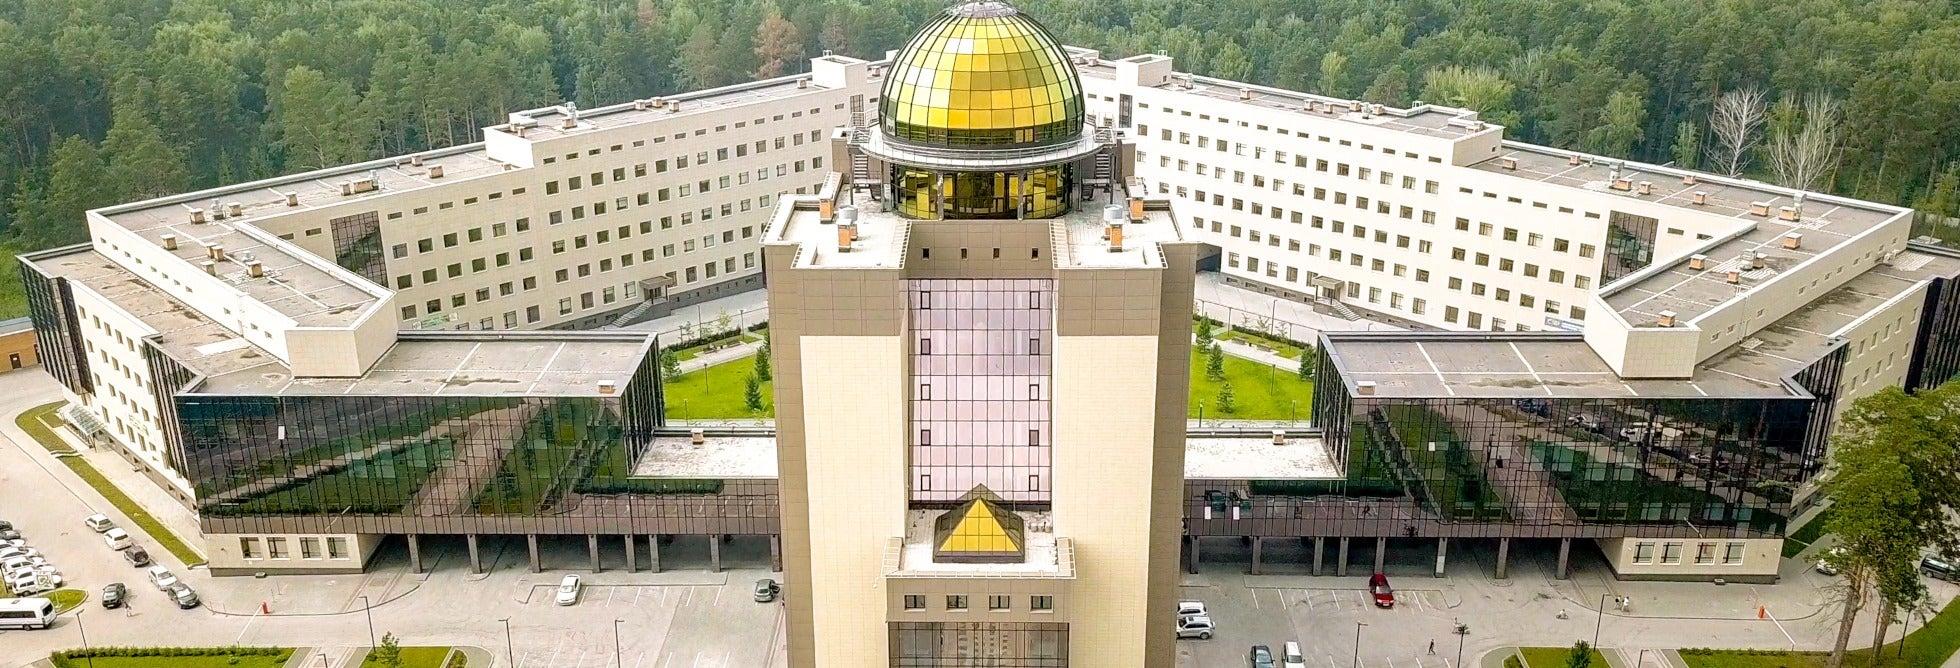 Tour privado por Akademgorodok